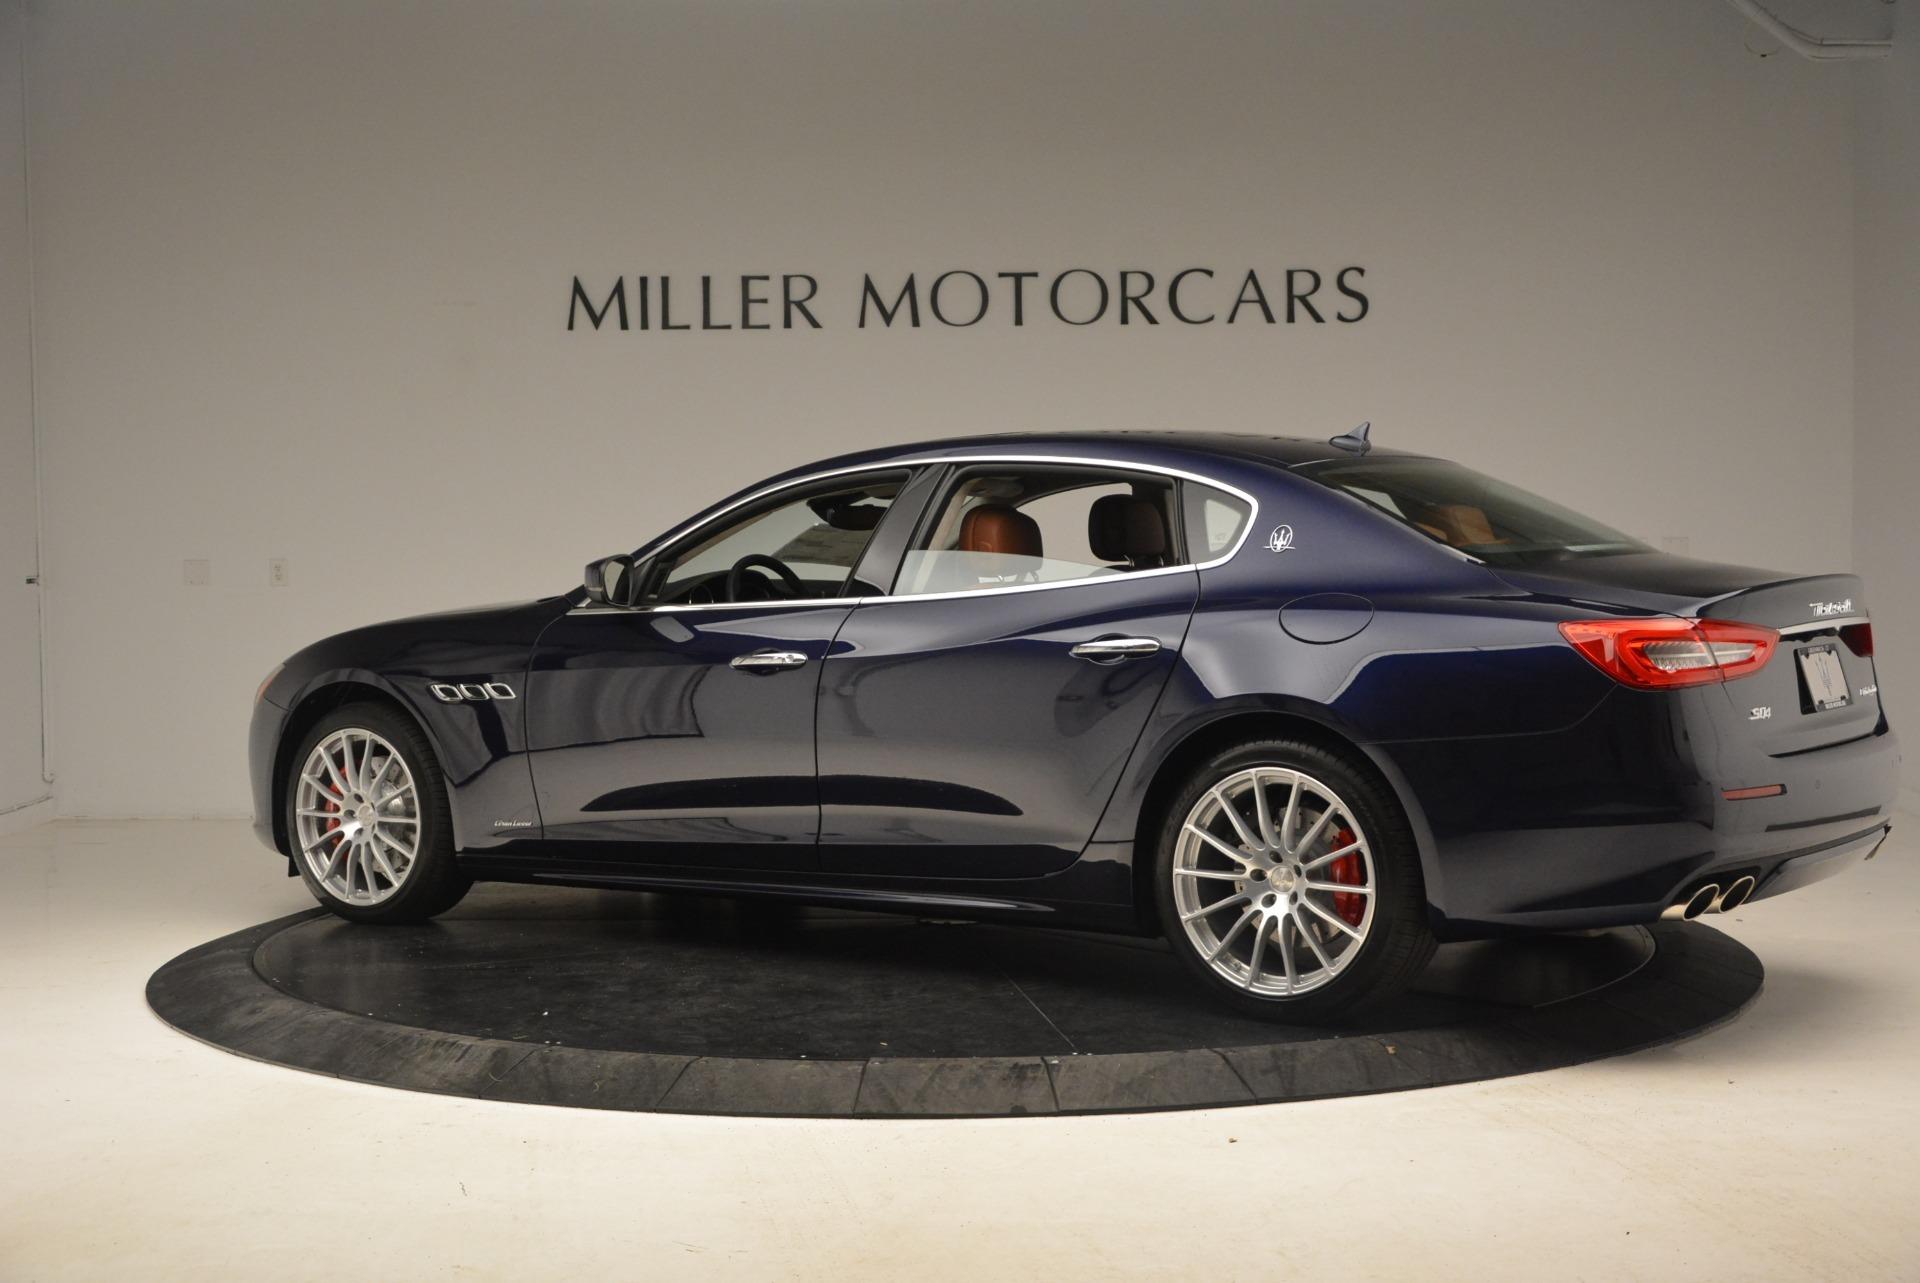 New 2019 Maserati Quattroporte S Q4 GranSport For Sale 125765 In Greenwich, CT